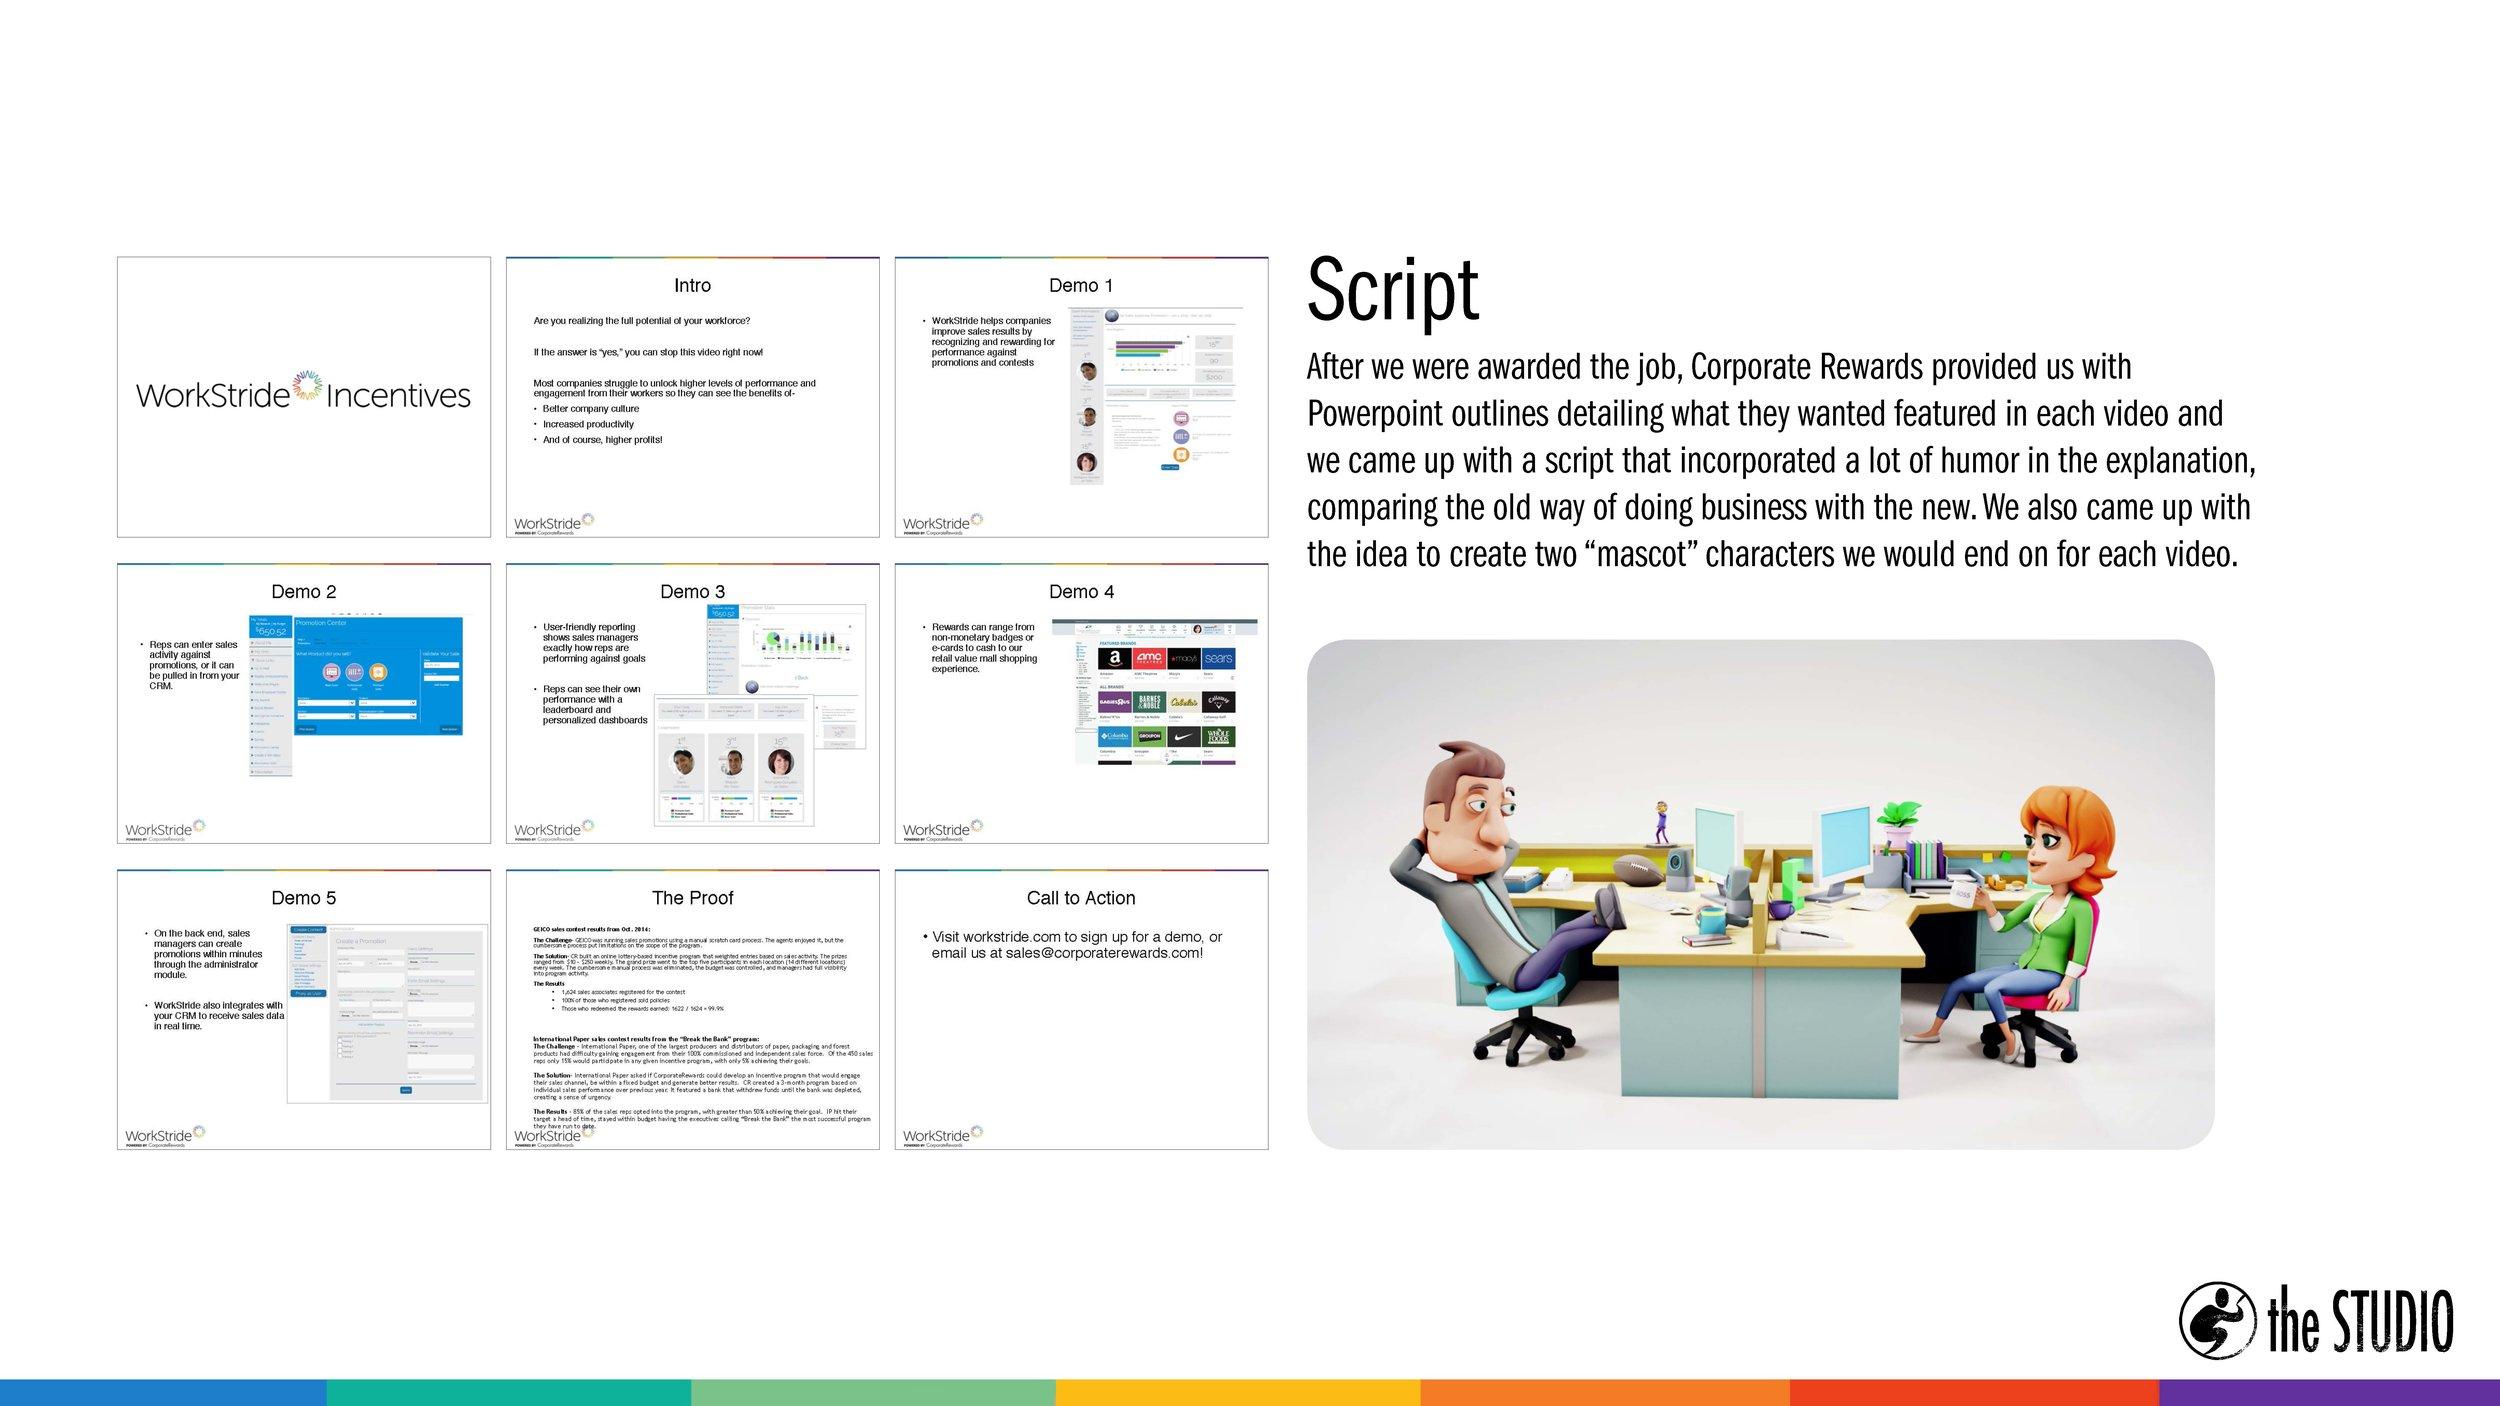 Corporate_Rewards_Case_Study_v05_Page_05.jpg